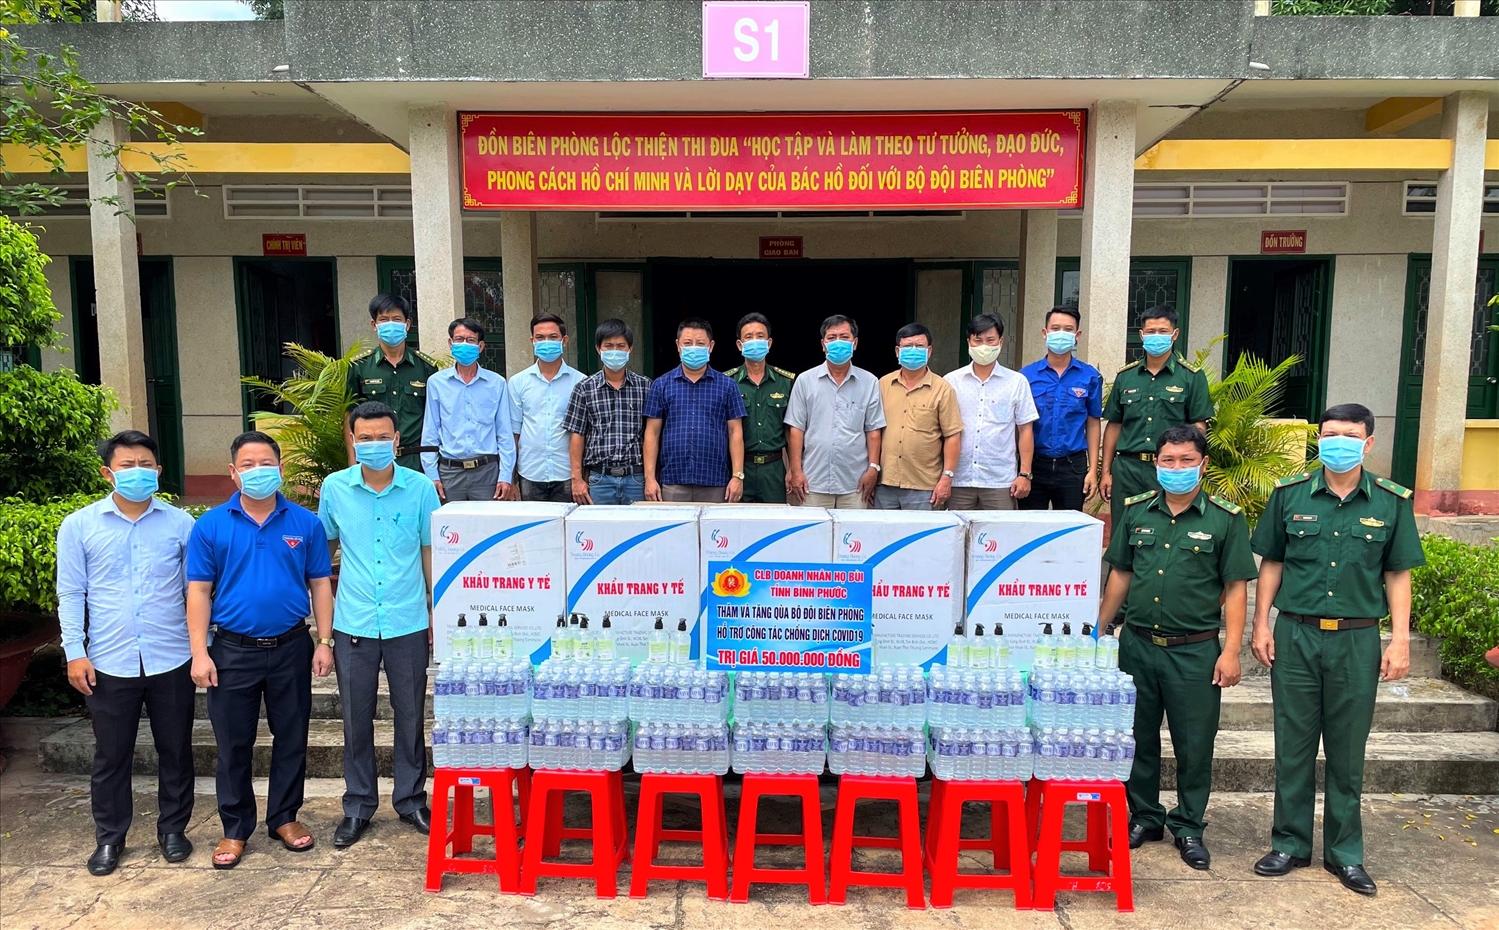 Thành Đoàn Đồng Xoài thăm hỏi, tặng quà cho cán bộ, chiến sĩ Đồn biên phòng Lộc Thiện (huyện Lộc Ninh).